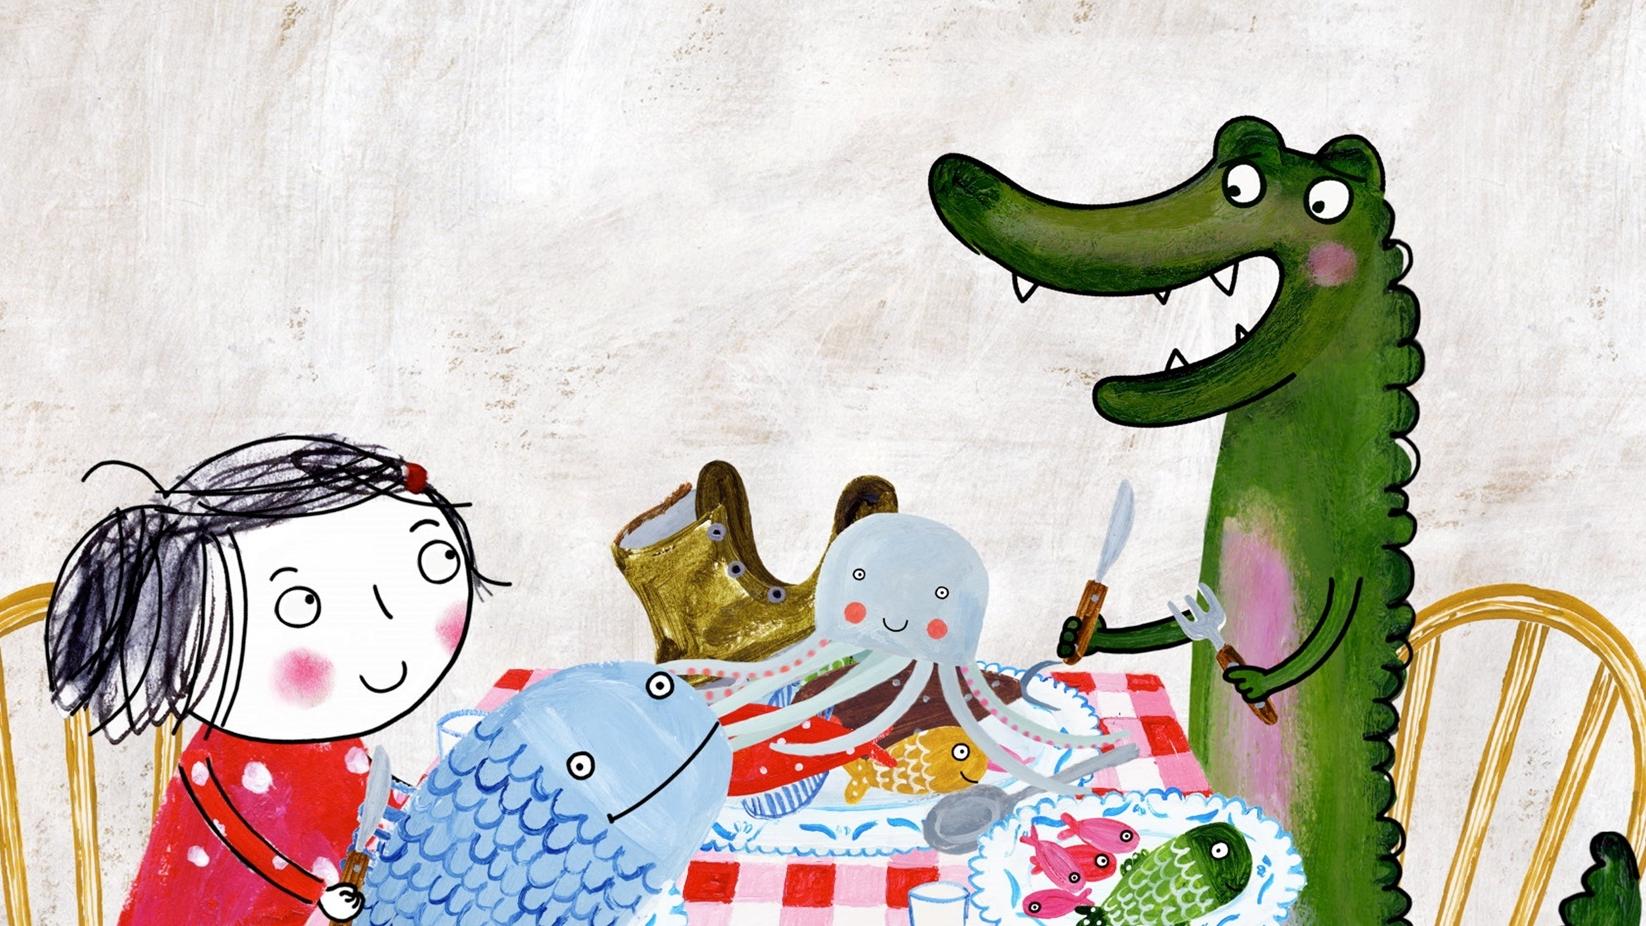 Rita en KrokodilRitaKrokodil website3pg.jpg